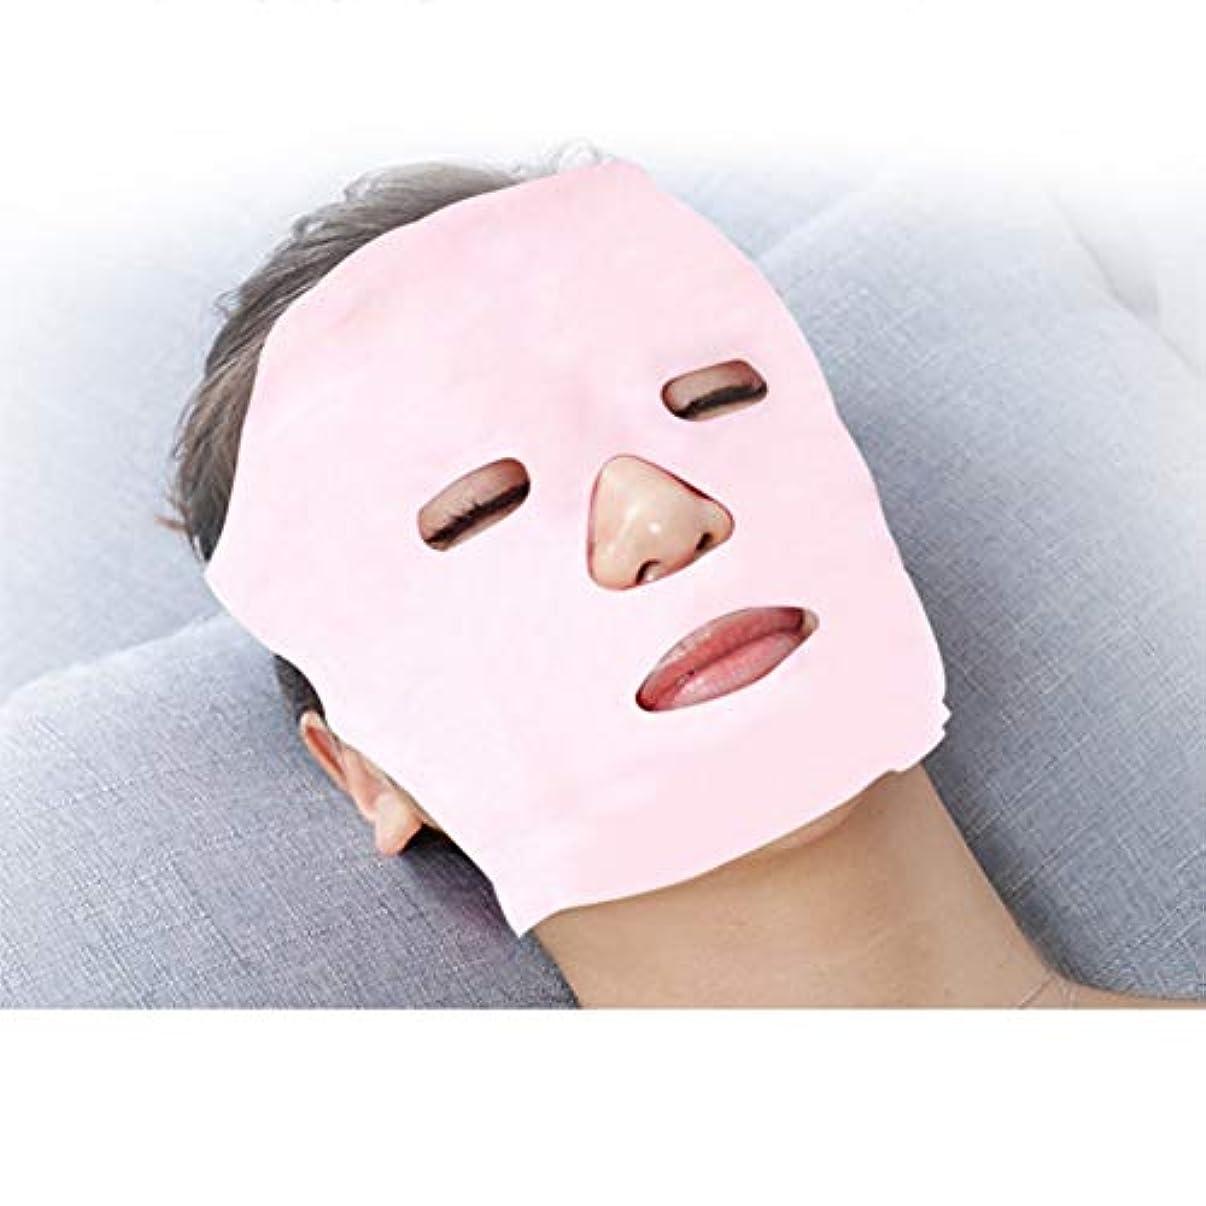 開いた代わって中古トルマリンジェル マグネットマスク マッサージマスク 颜美容 フェイスマスク 薄い顔 肤色を明るく ヘルスケアマスク 磁気 ェイスポーチ Cutelove